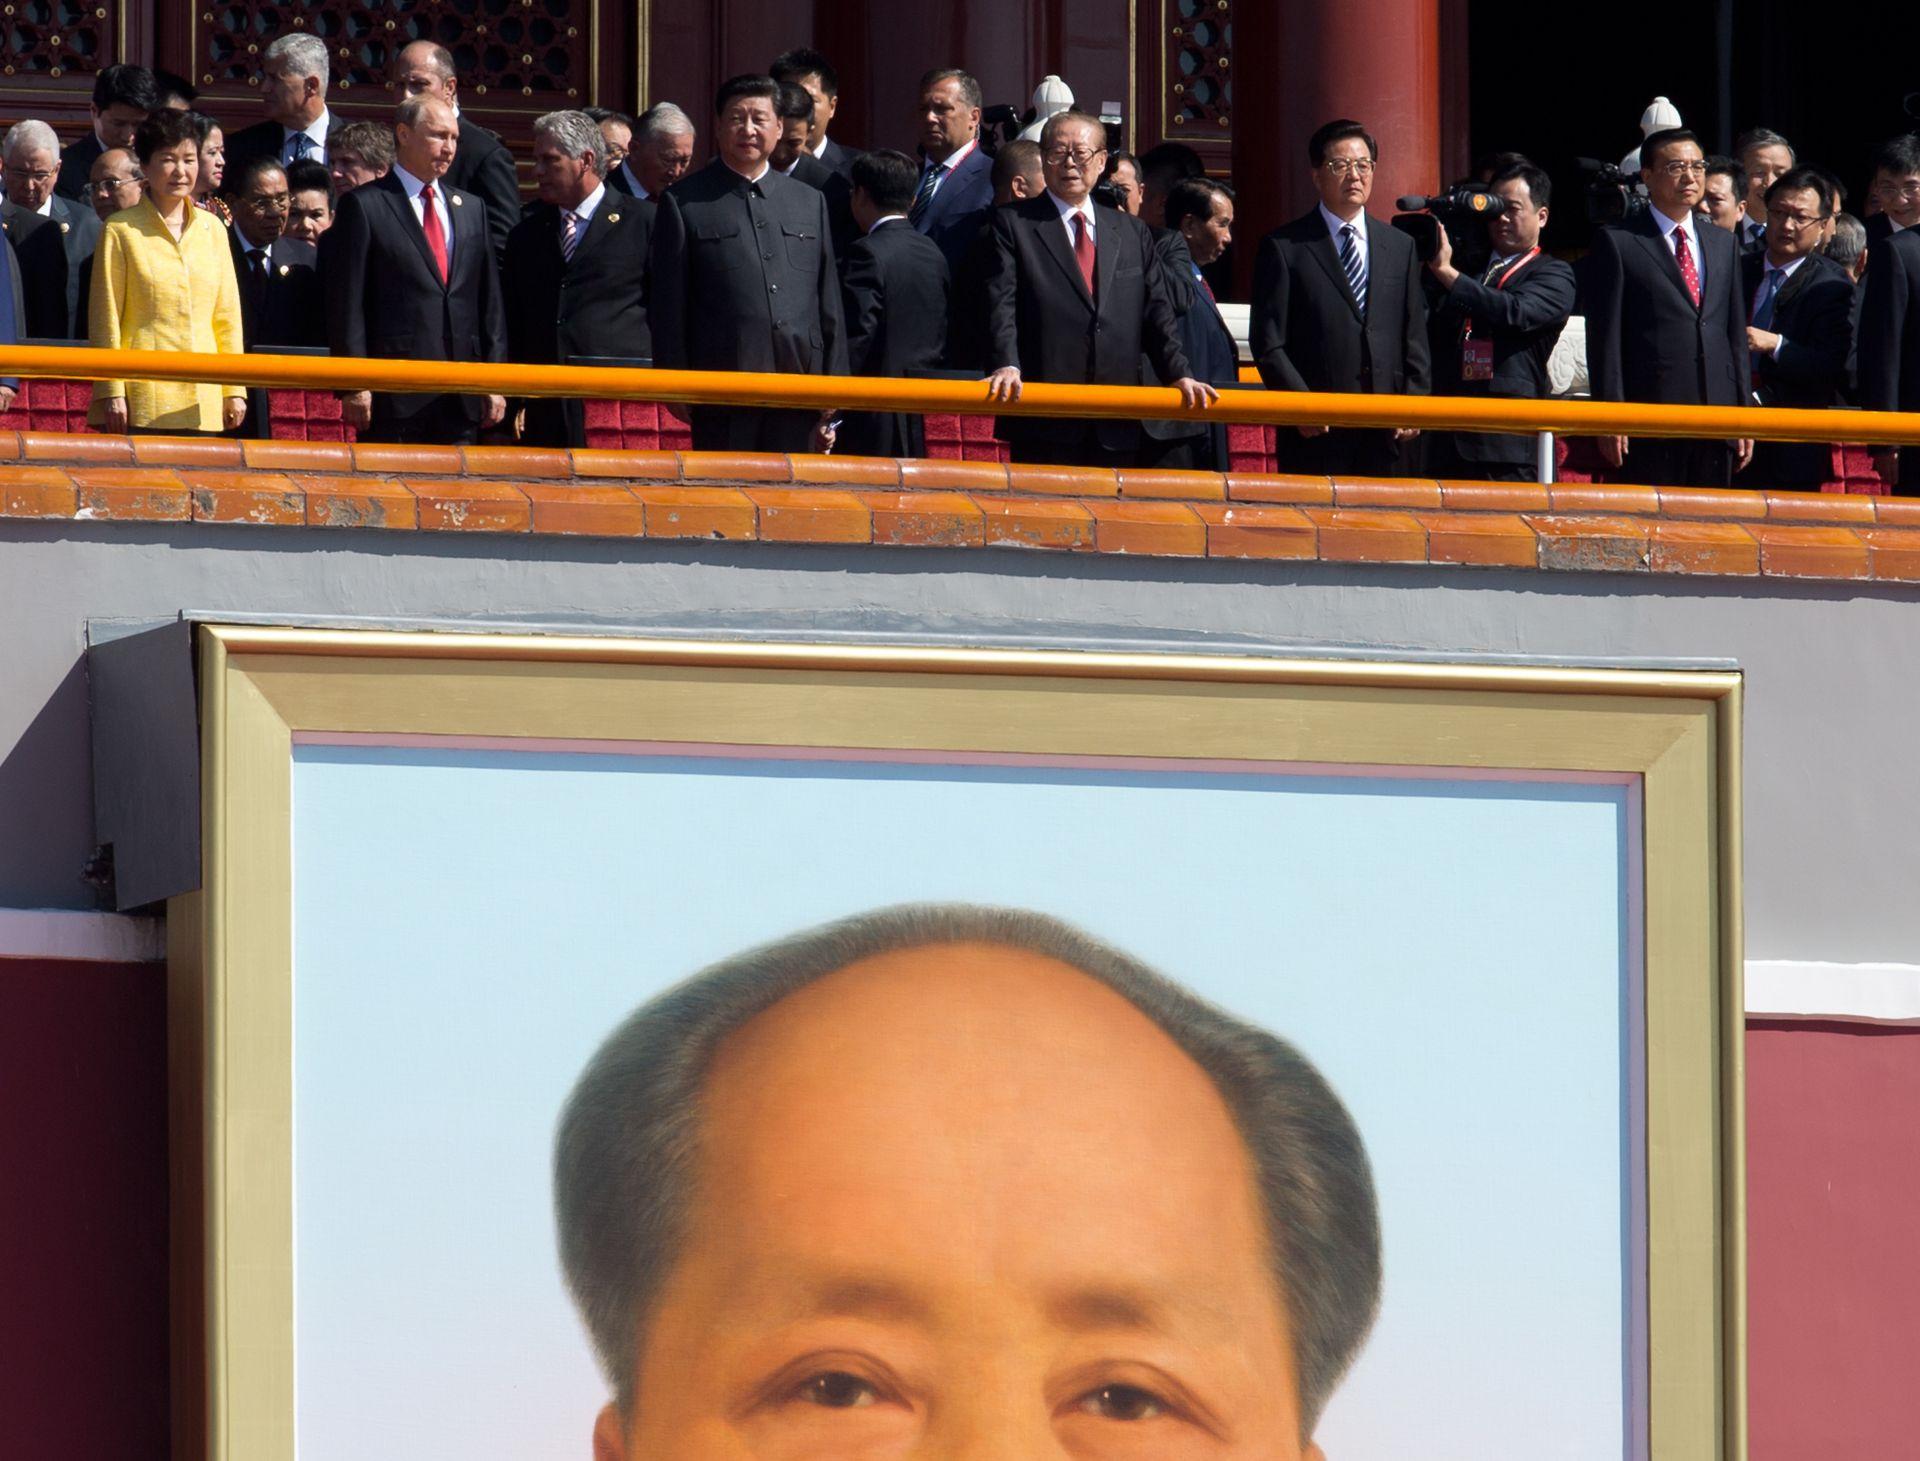 3 септември 2015 г. - Президентът на Южна Корея Парк Гюн Хе, руският президент Владимир Путин, китайският президент Си Дзинпин, бившият китайски президент Джан Земин, бившият китайски президент Ху Джинтао и китайският премиер Ли Кекианг на Тиананмън Гейт, откъдето гледат военния парад в чест на 70-годишнината от края на Втората световна война.